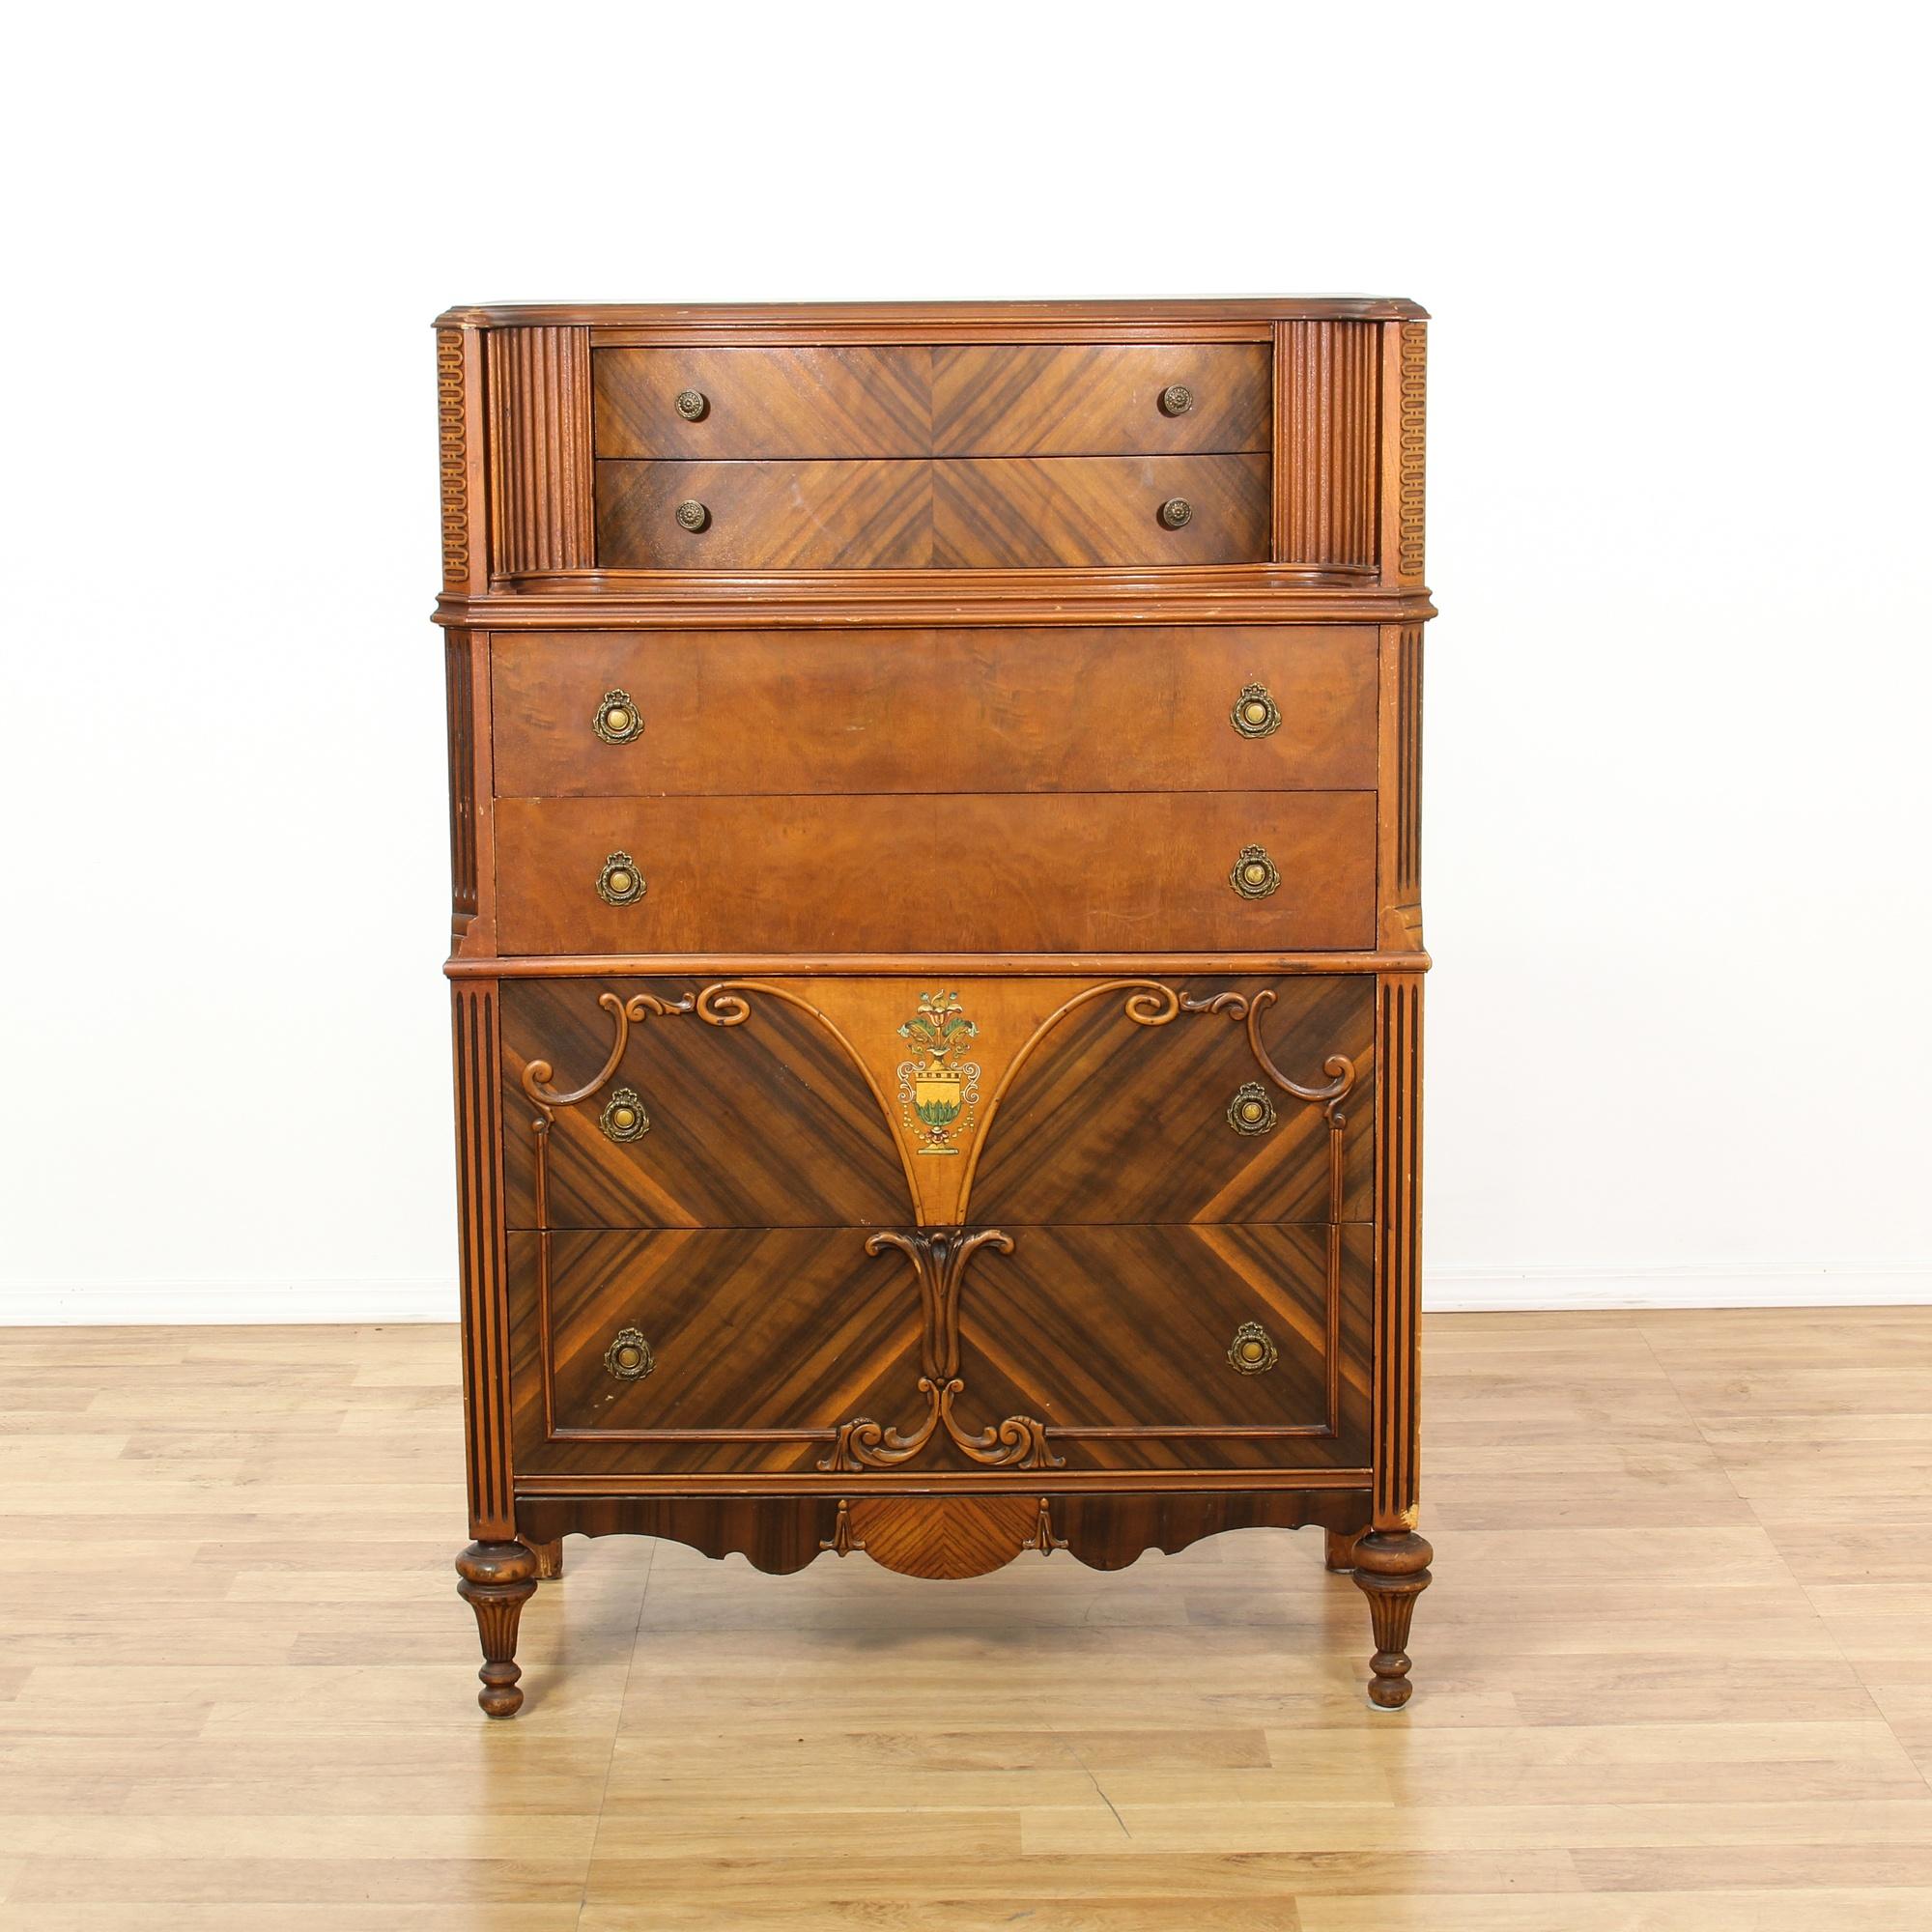 Antique Cherry Marquetry Inlay Highboy Dresser